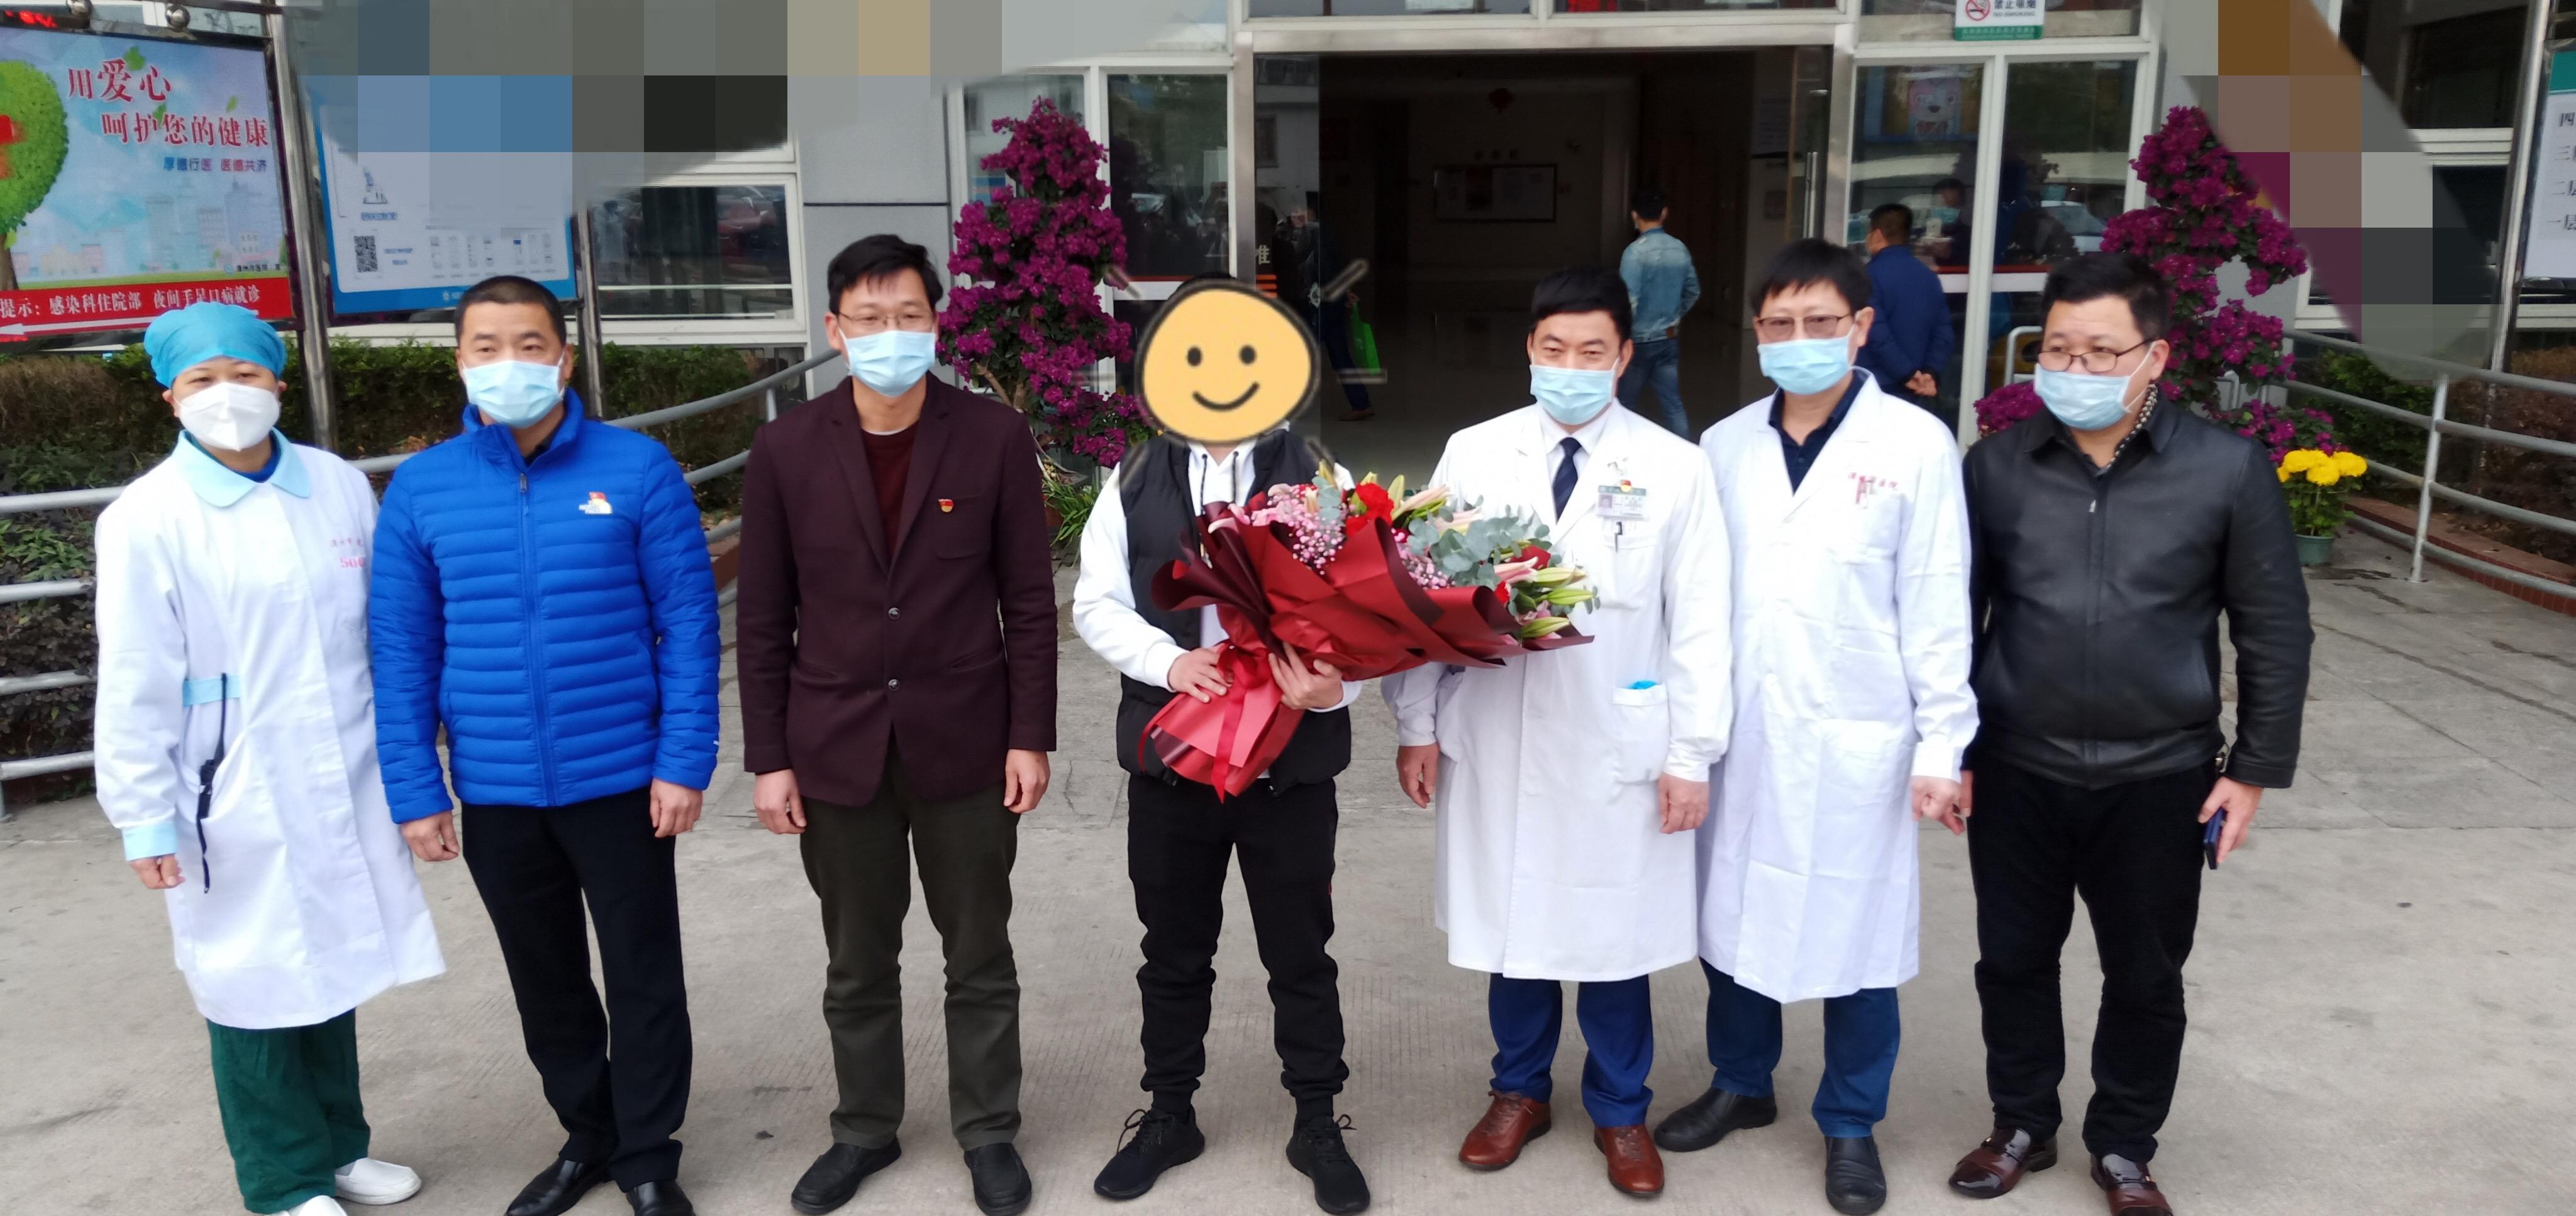 好消息!漳州市首例治愈患者出院